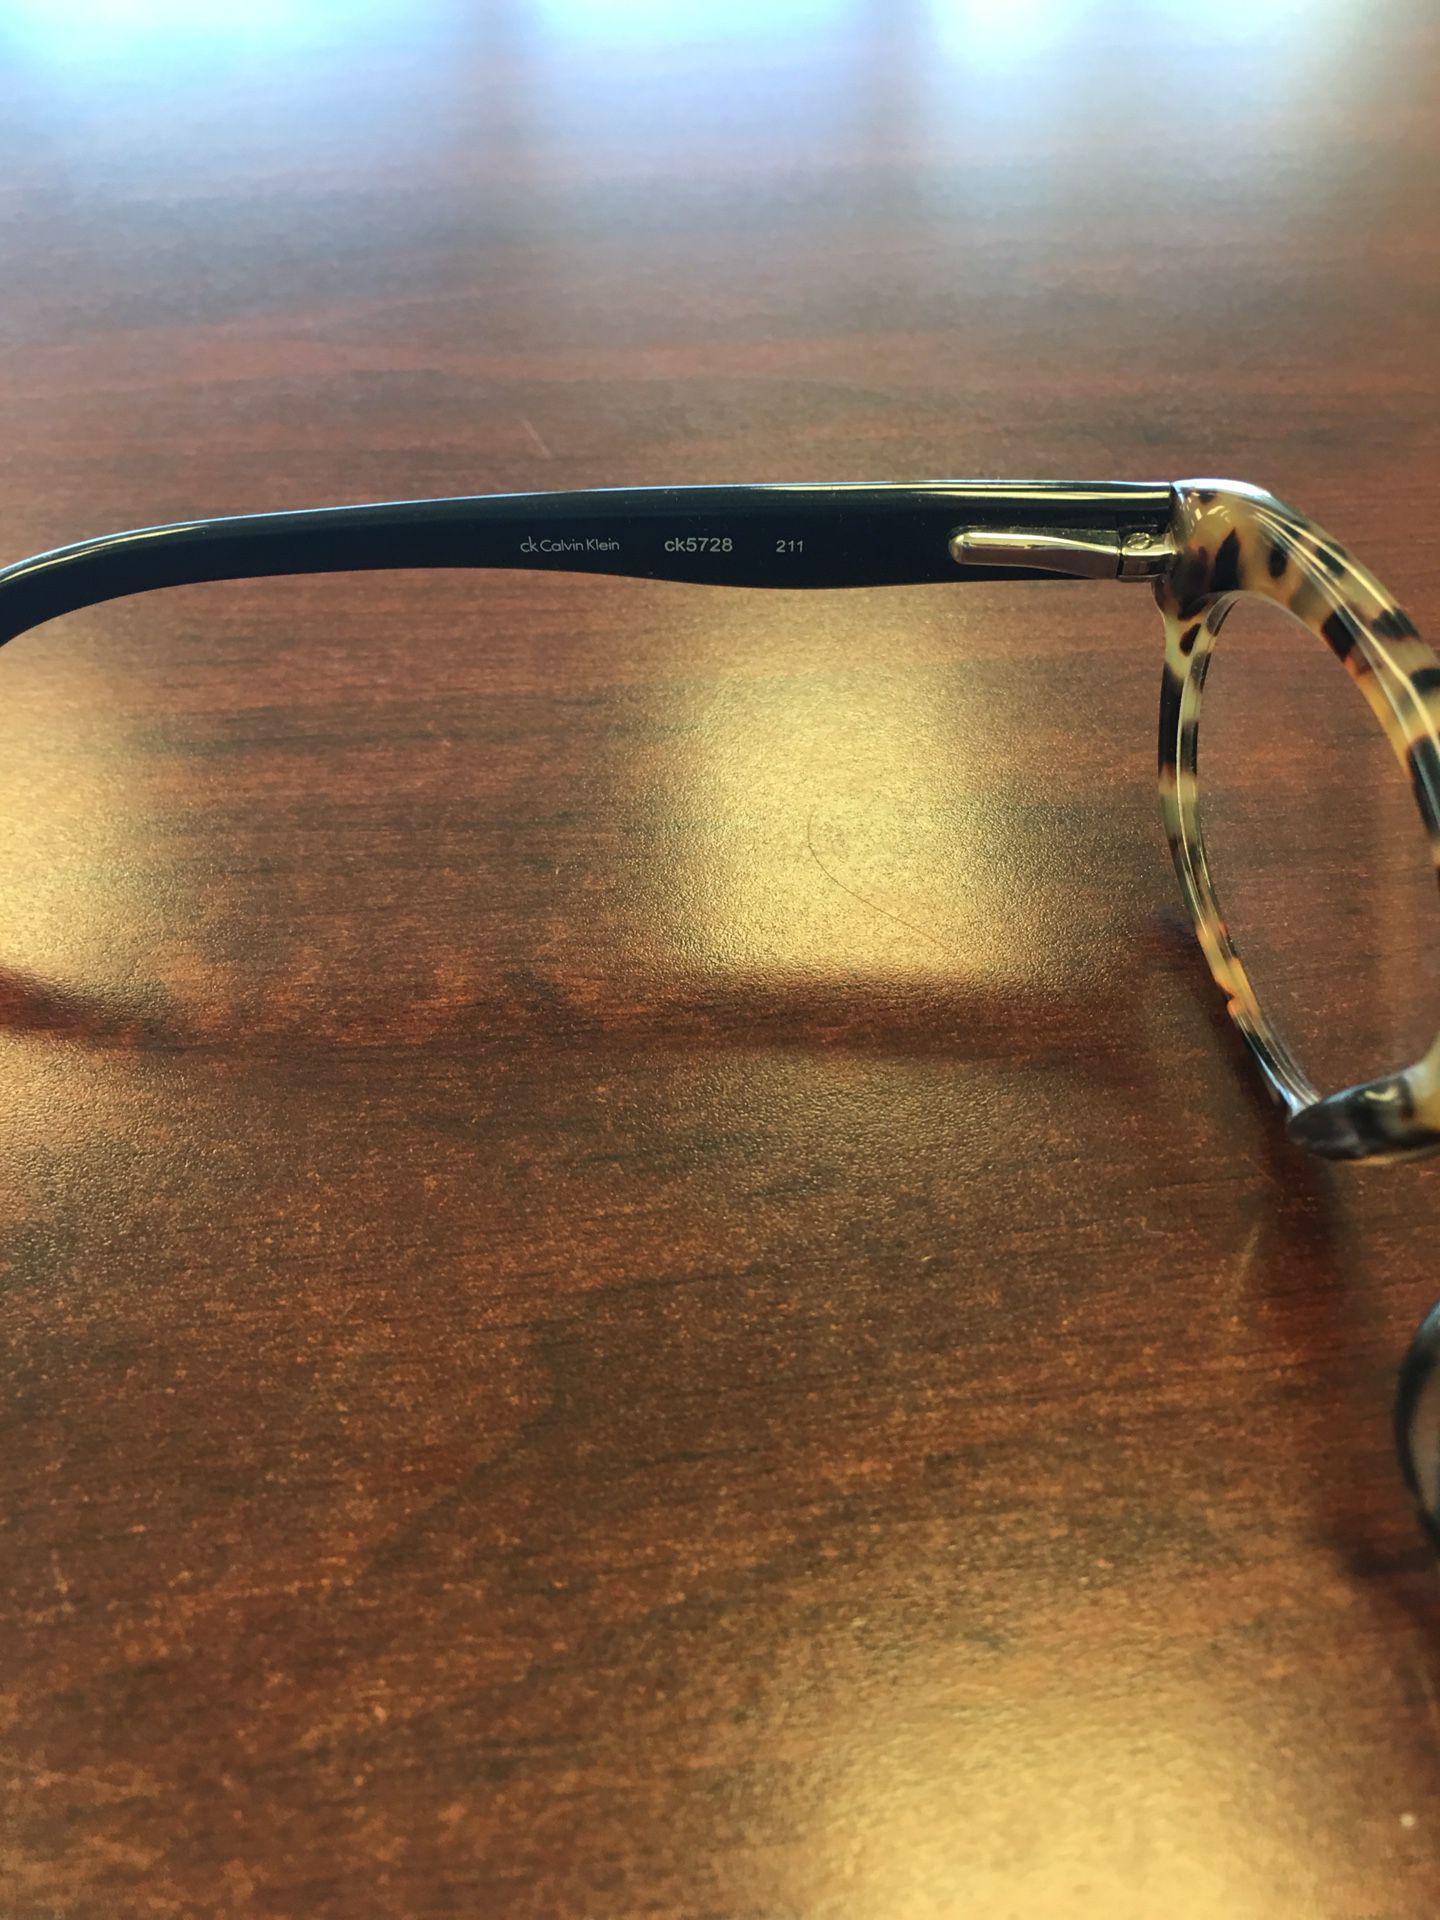 Calvin Klein reading glasses